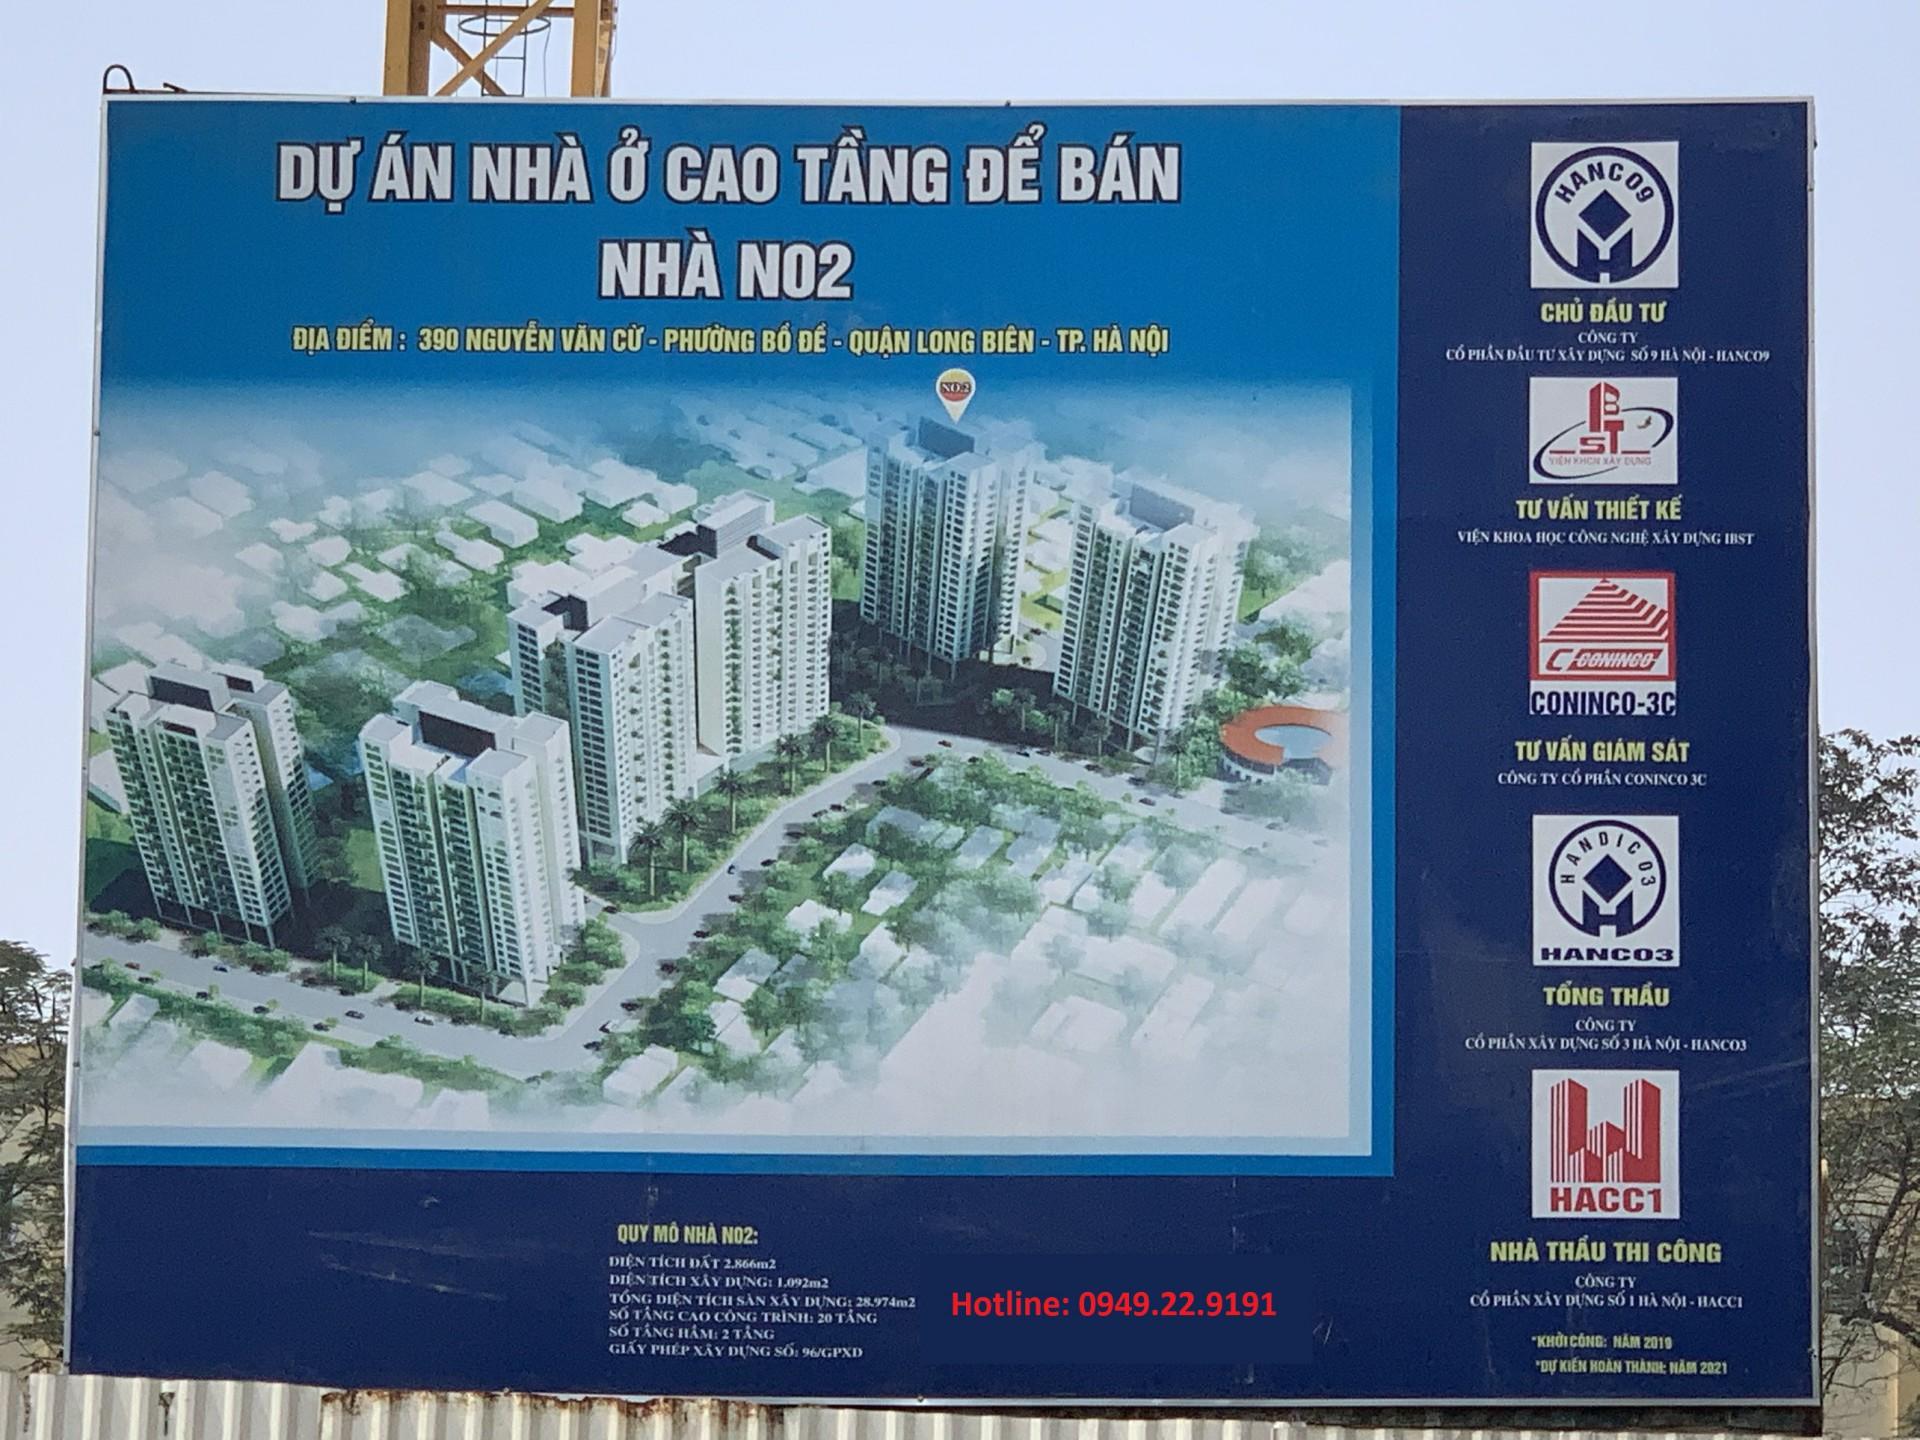 Chủ đầu tư Hanco 9 Berriver Long Biên